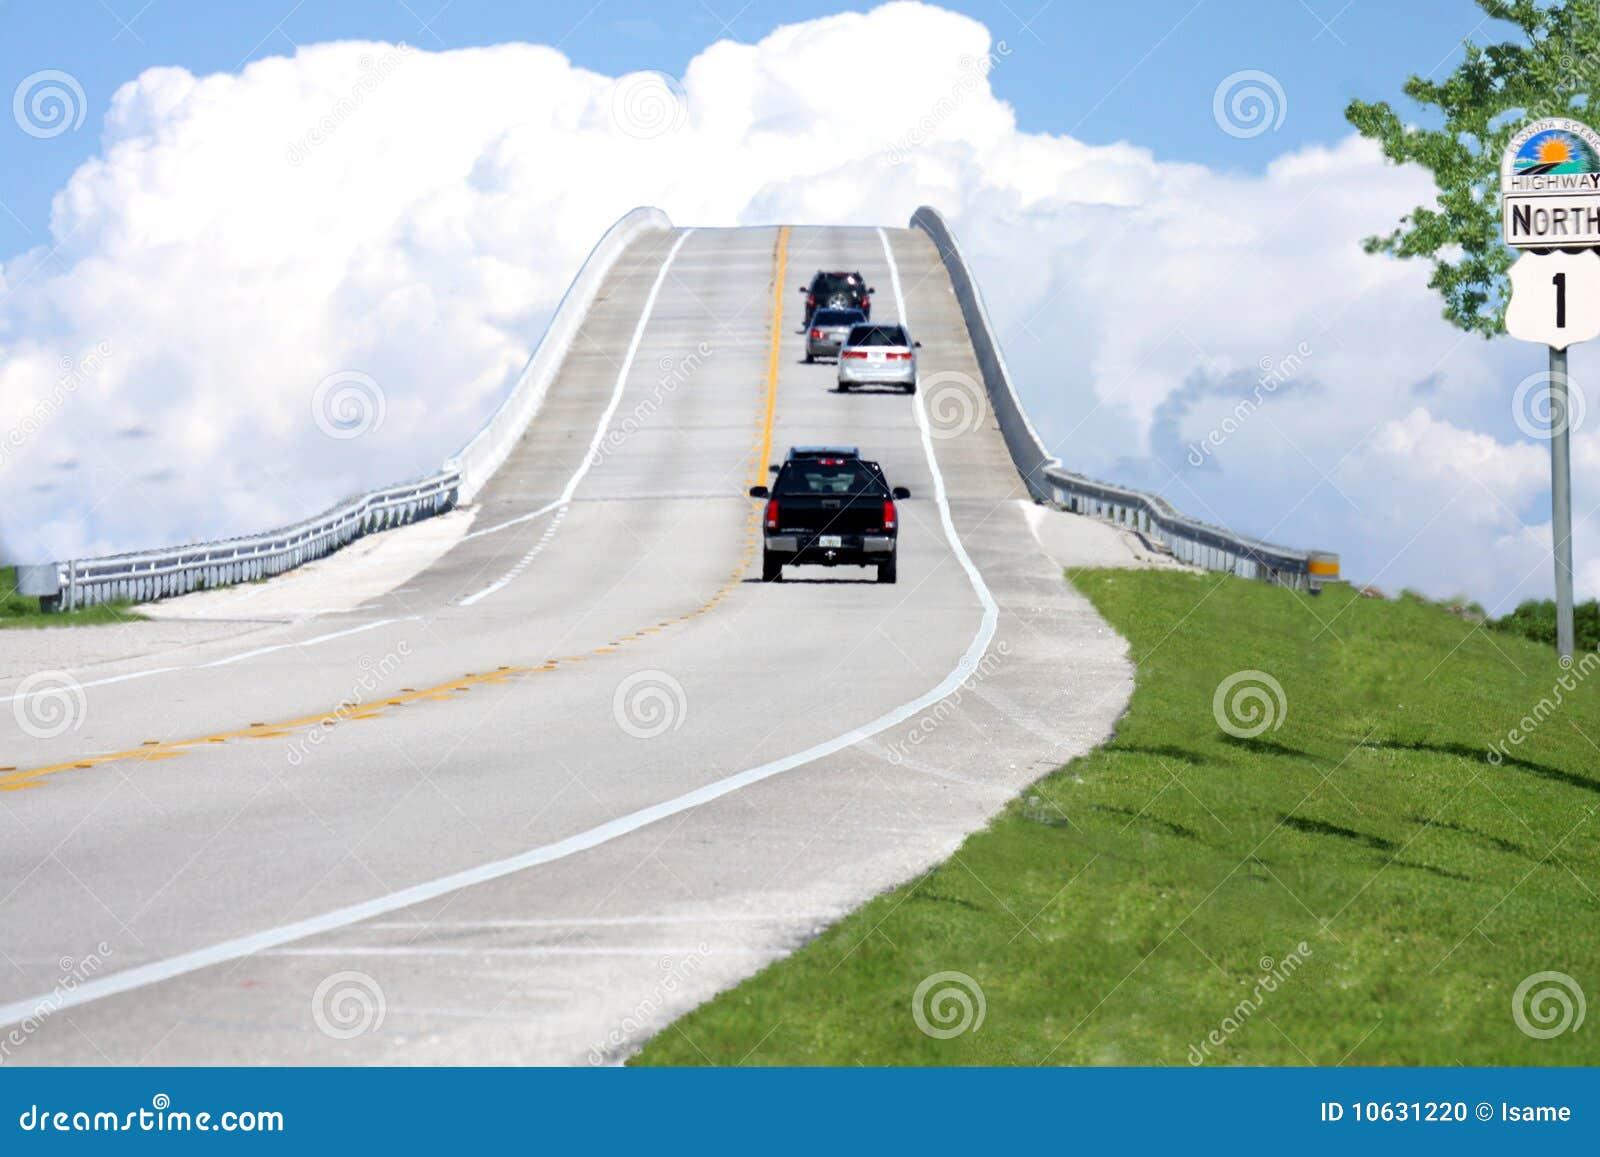 Zachodni bridżowe kluczowe mily siedem